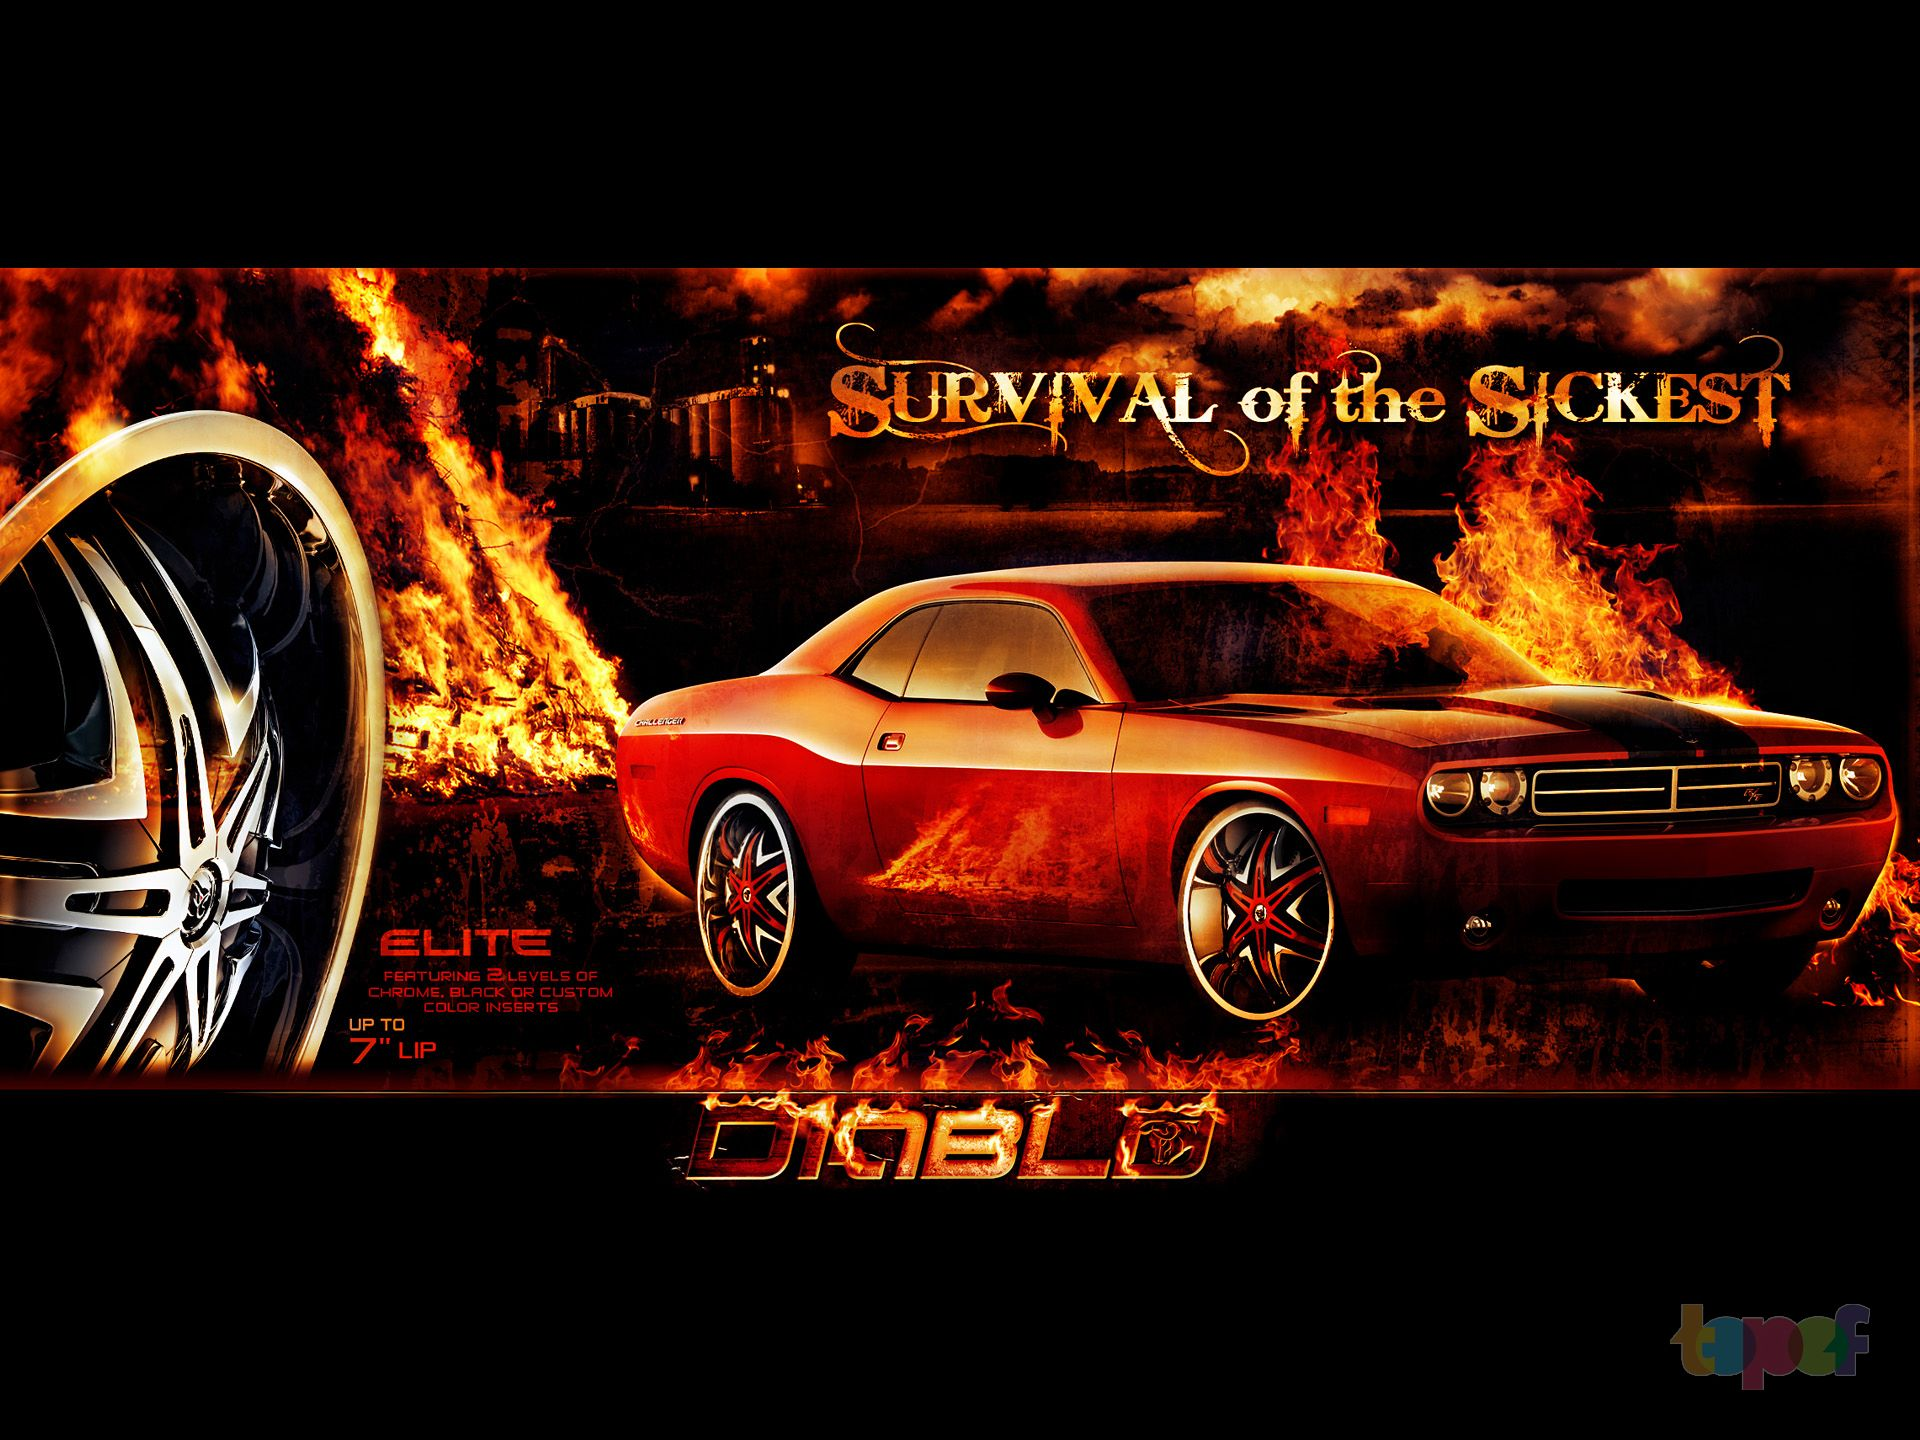 Обои от Diablo (Колесные диски)